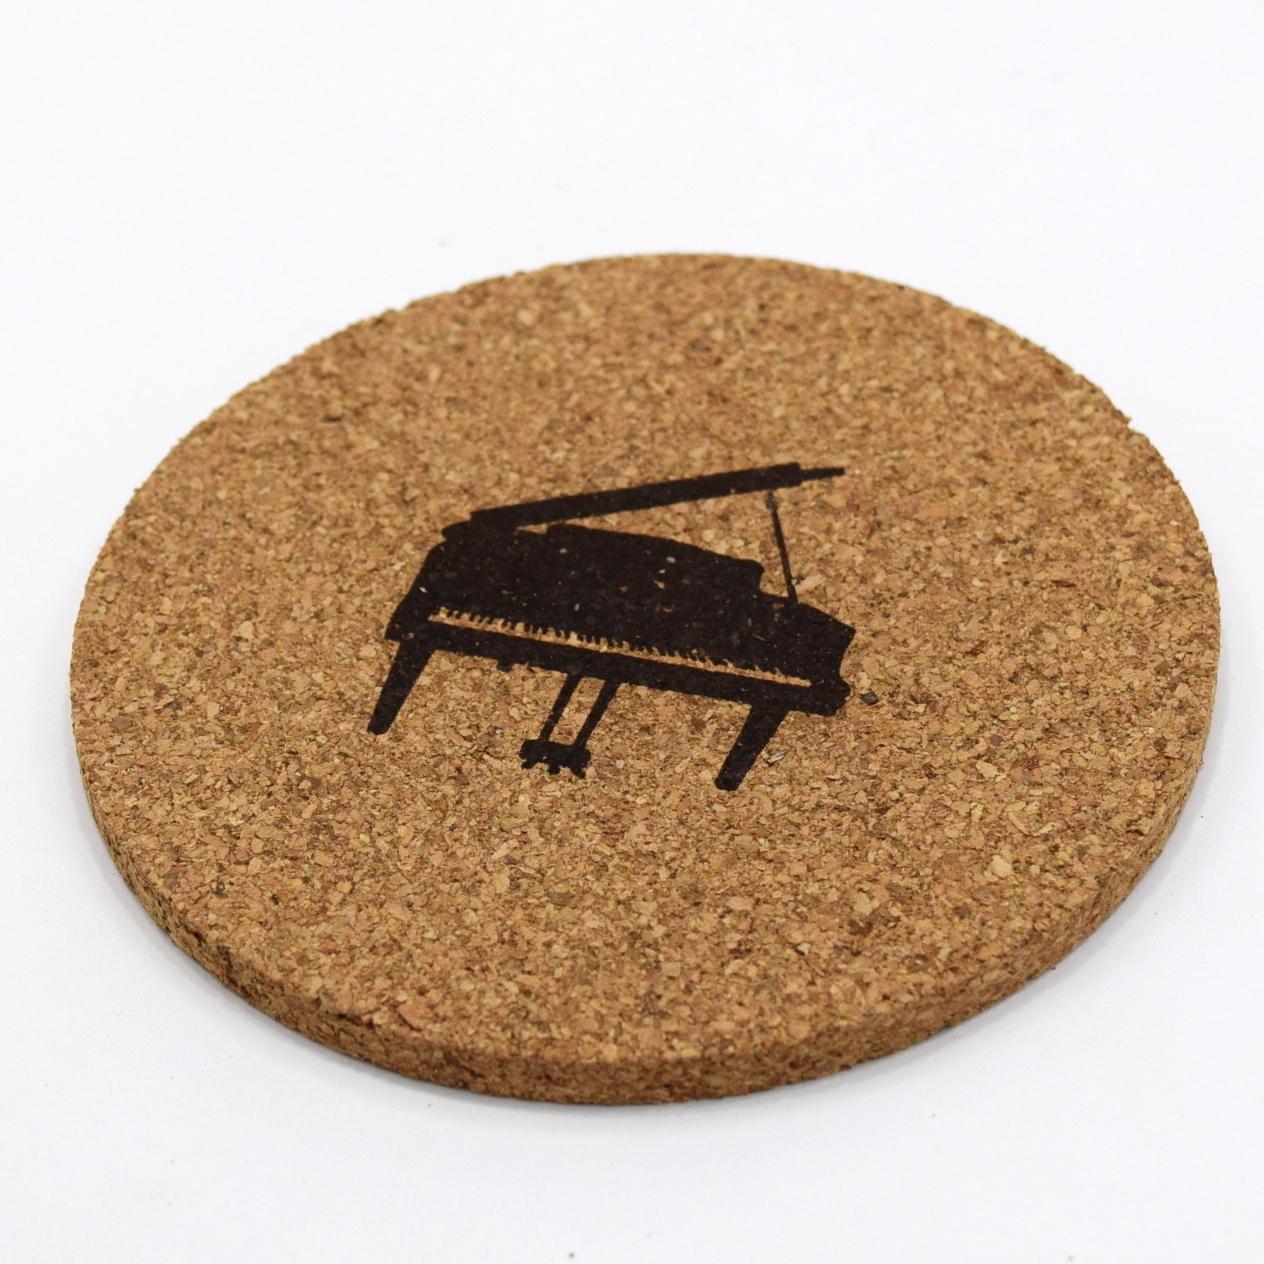 [単品]コルクコースター『ピアノ』 ~発表会記念品として♪~